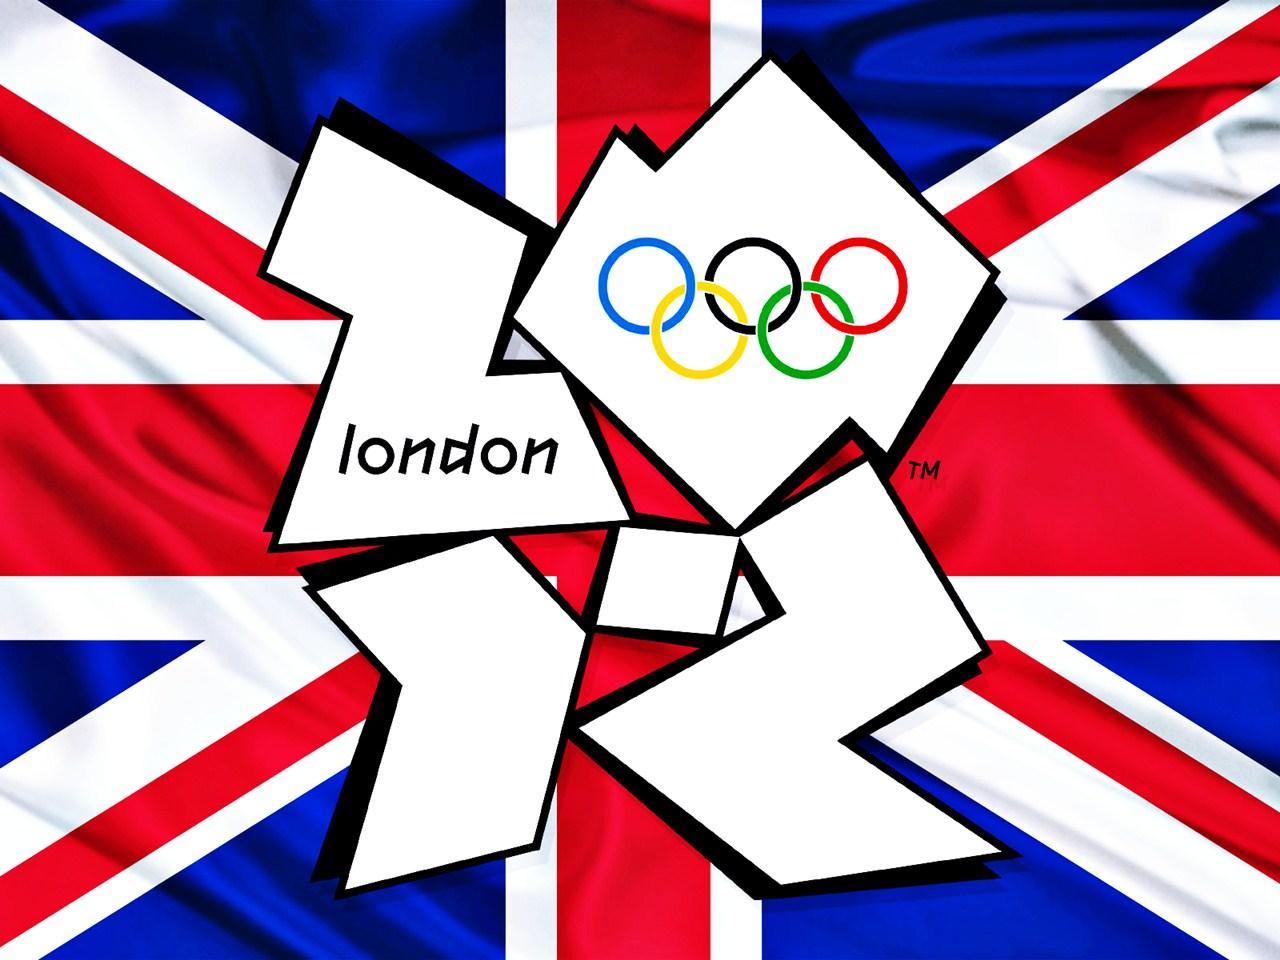 olimpic games 2012